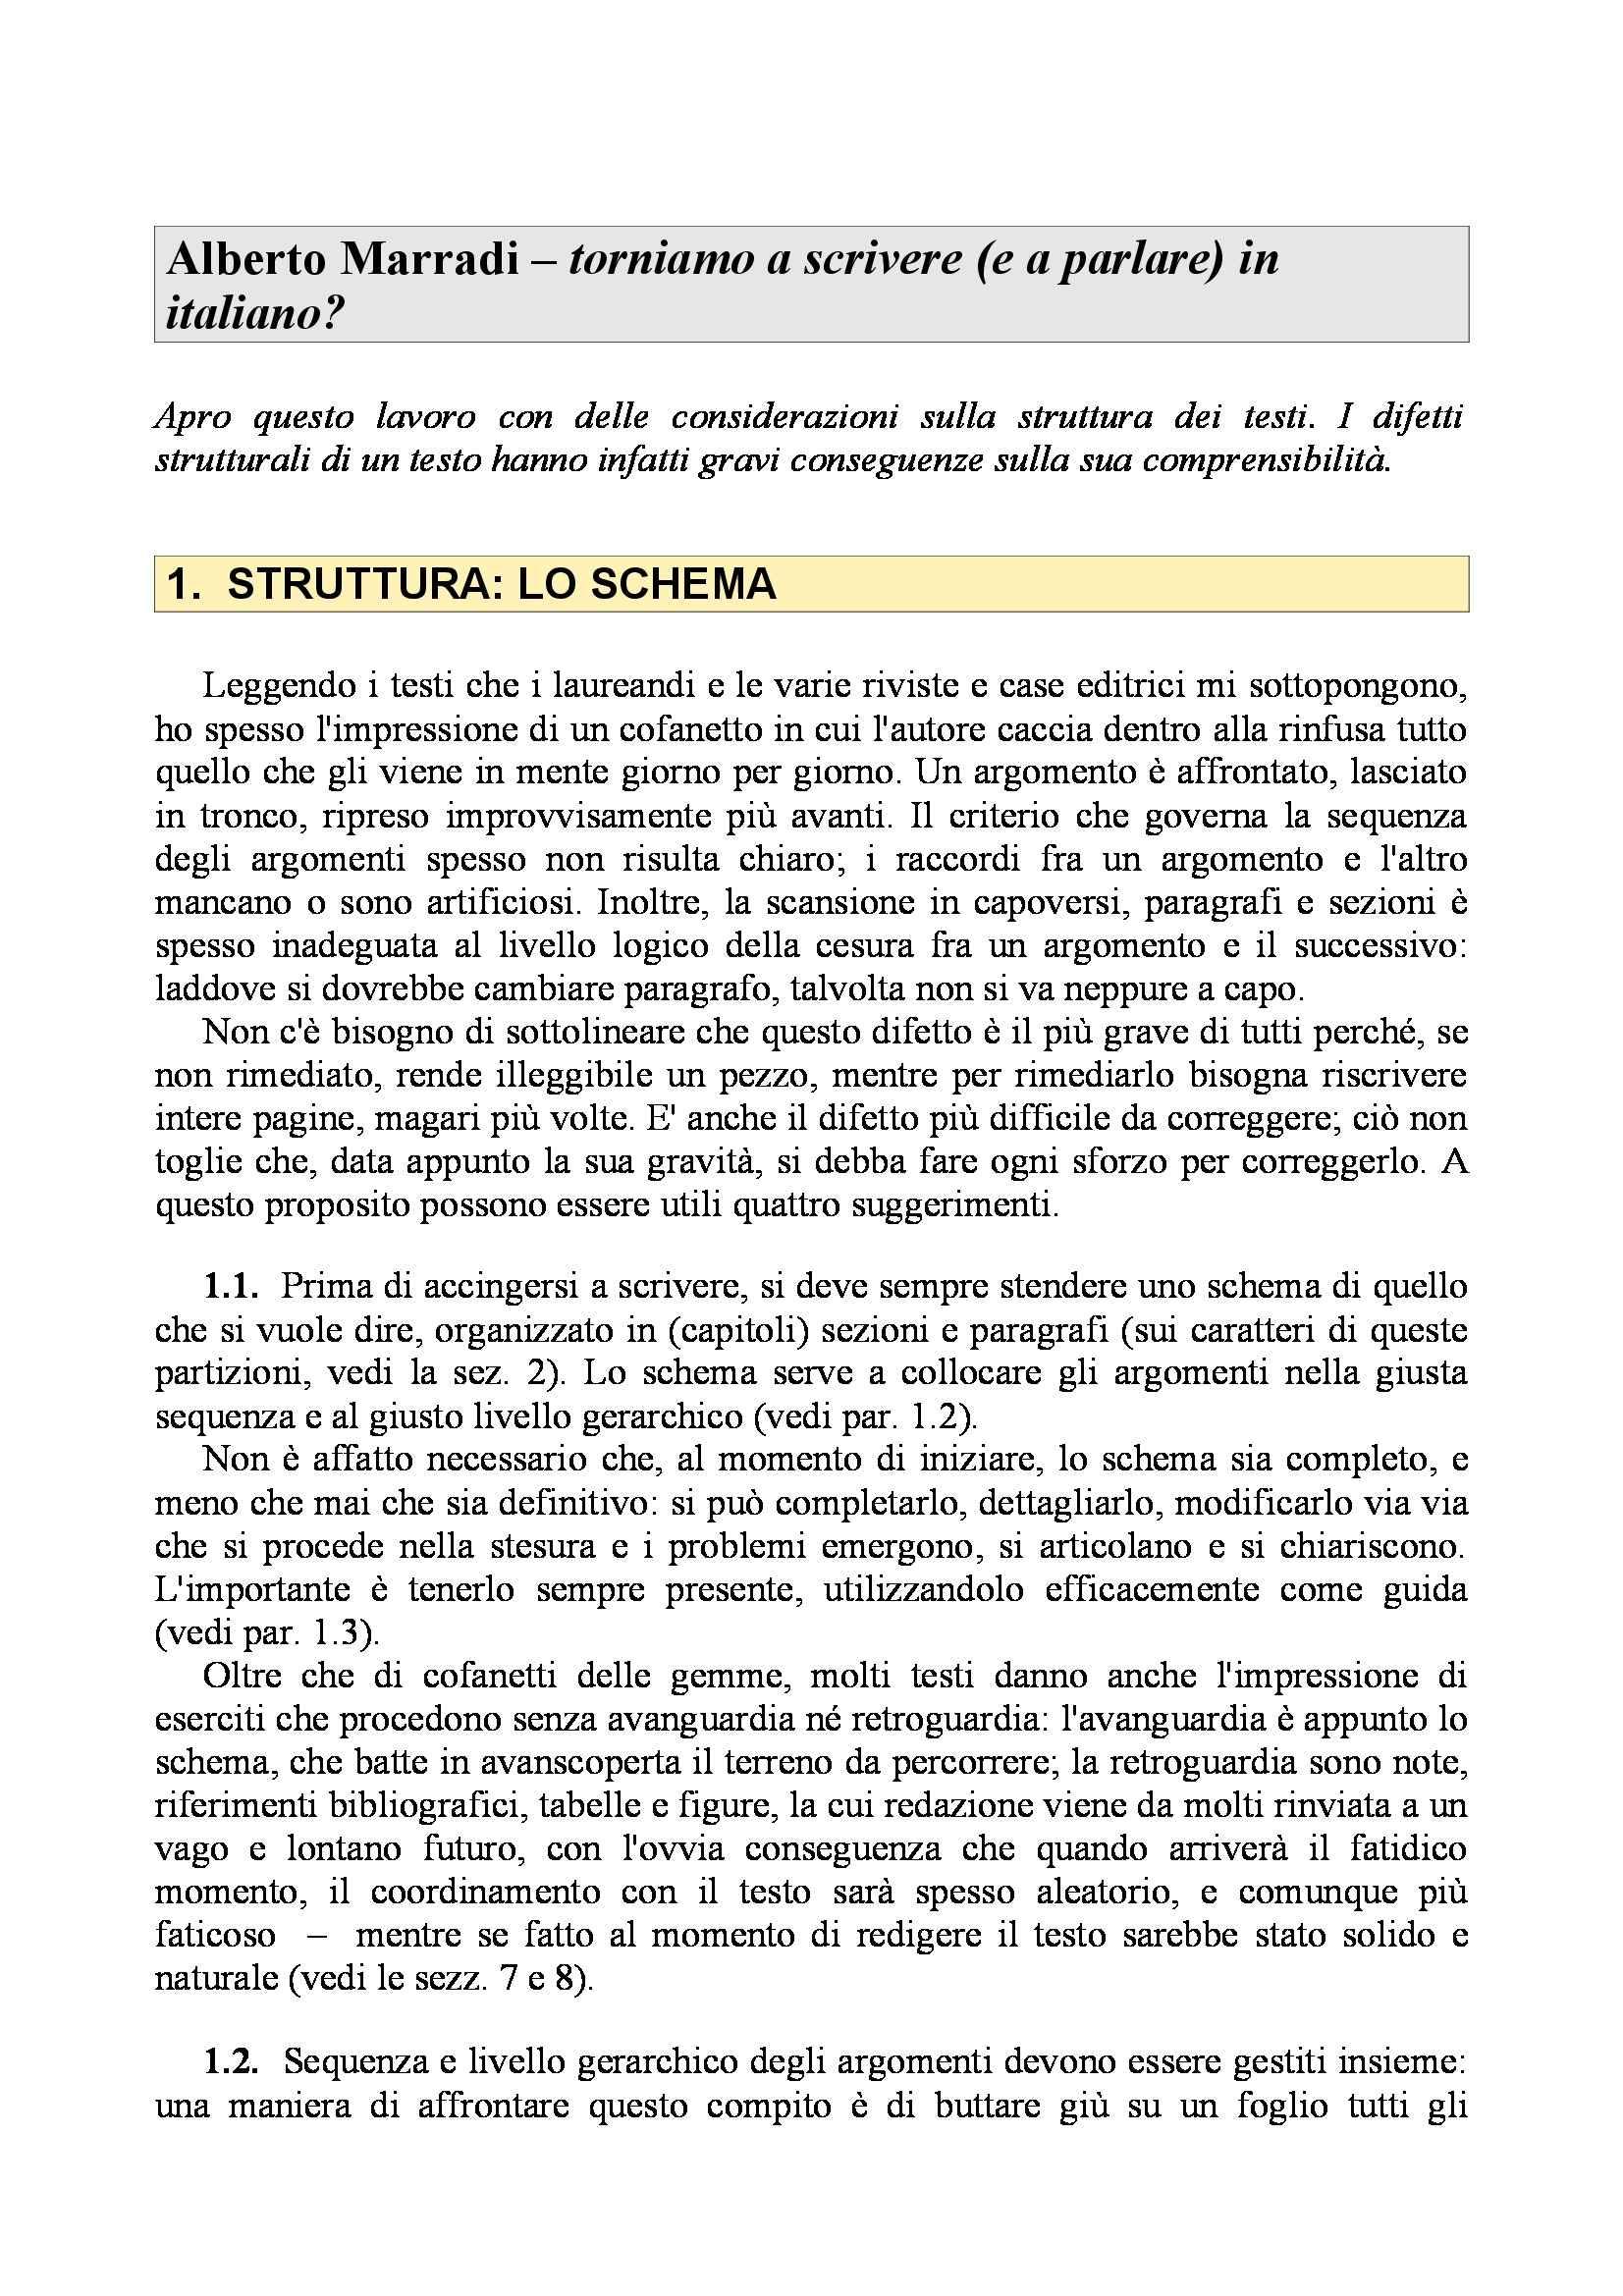 Scrivere e parlare in italiano